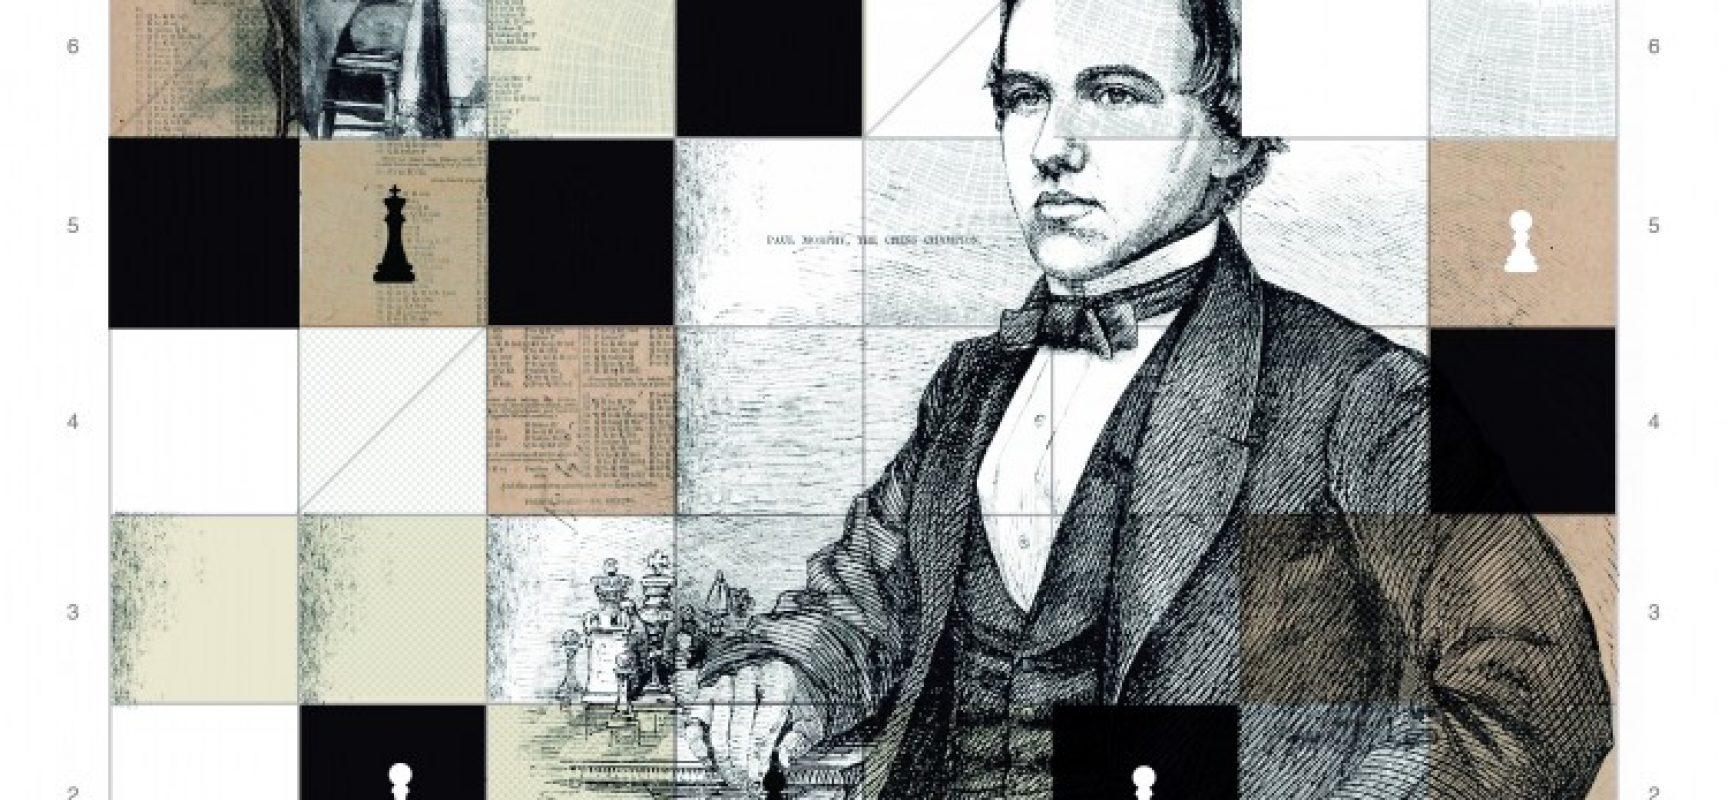 Paul Morphy, orgullo y tristeza del ajedrez